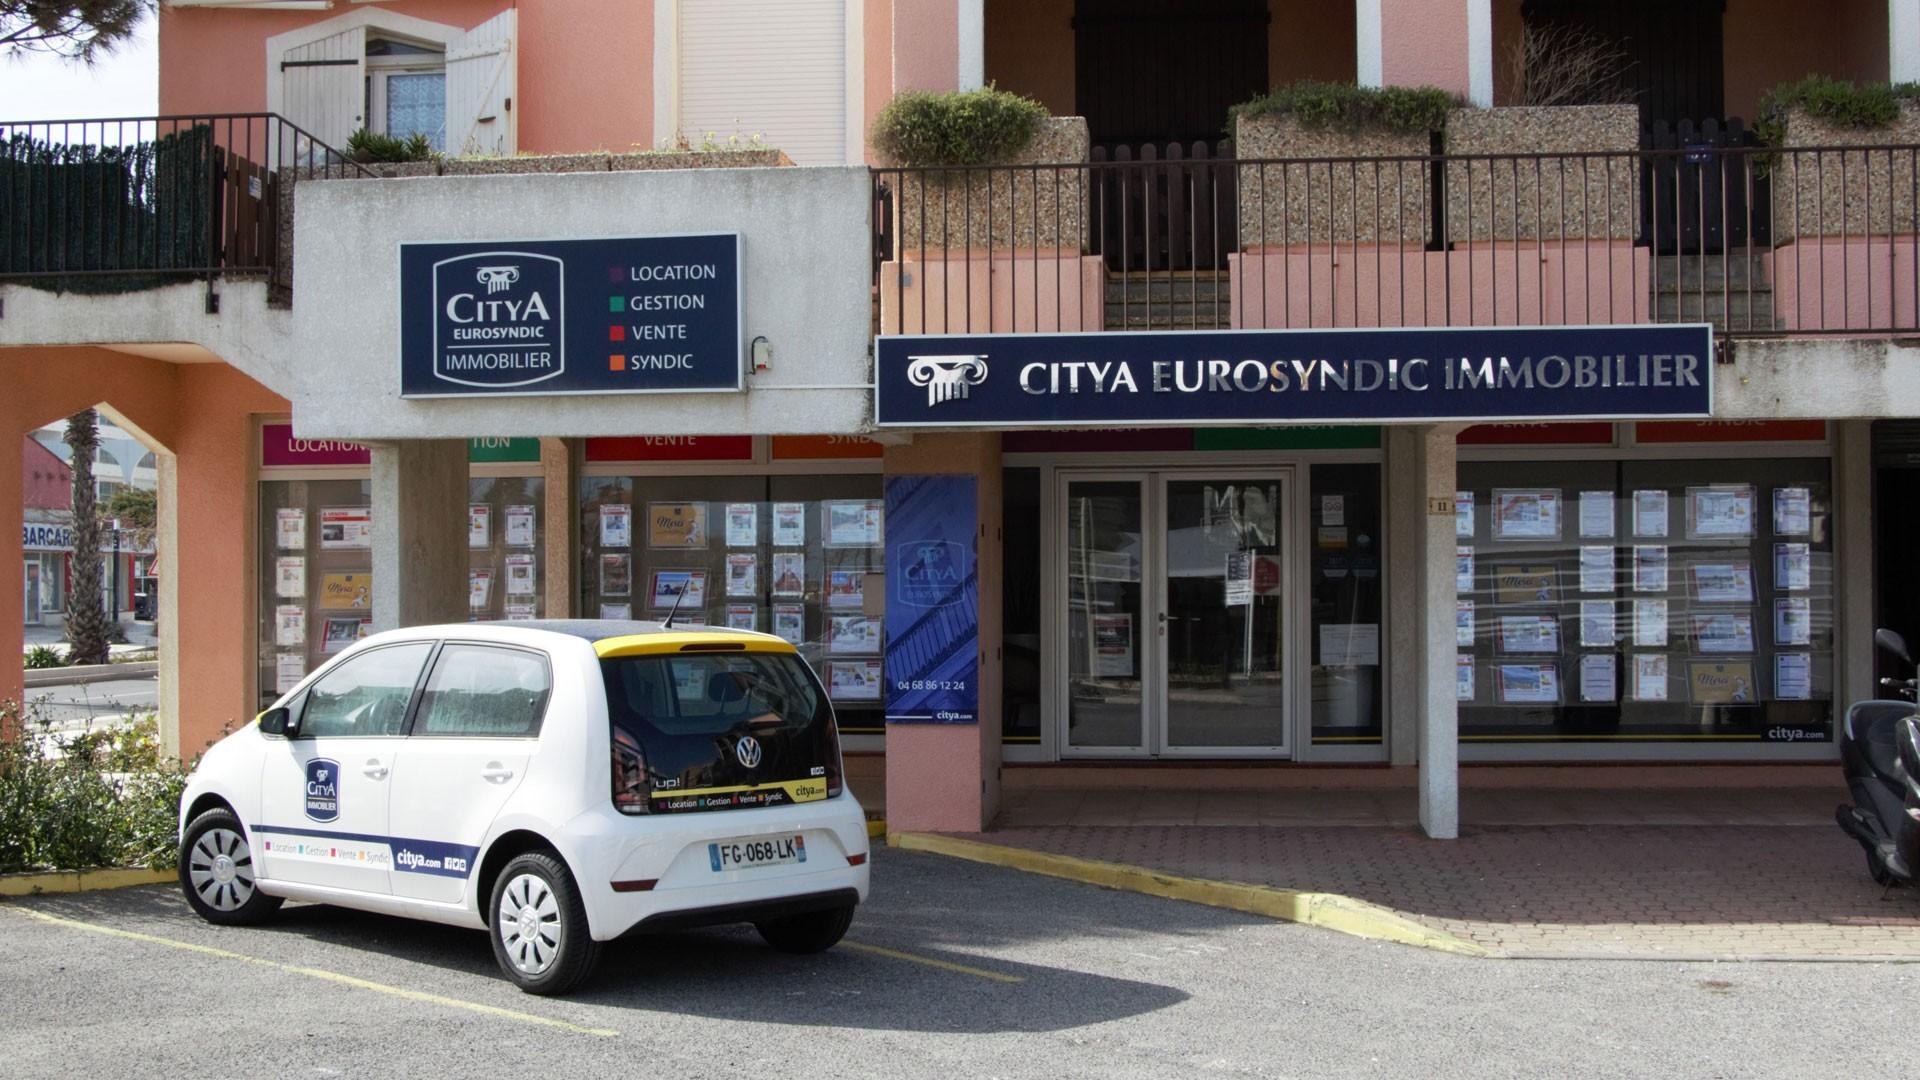 Agence immo Citya Eurosyndic